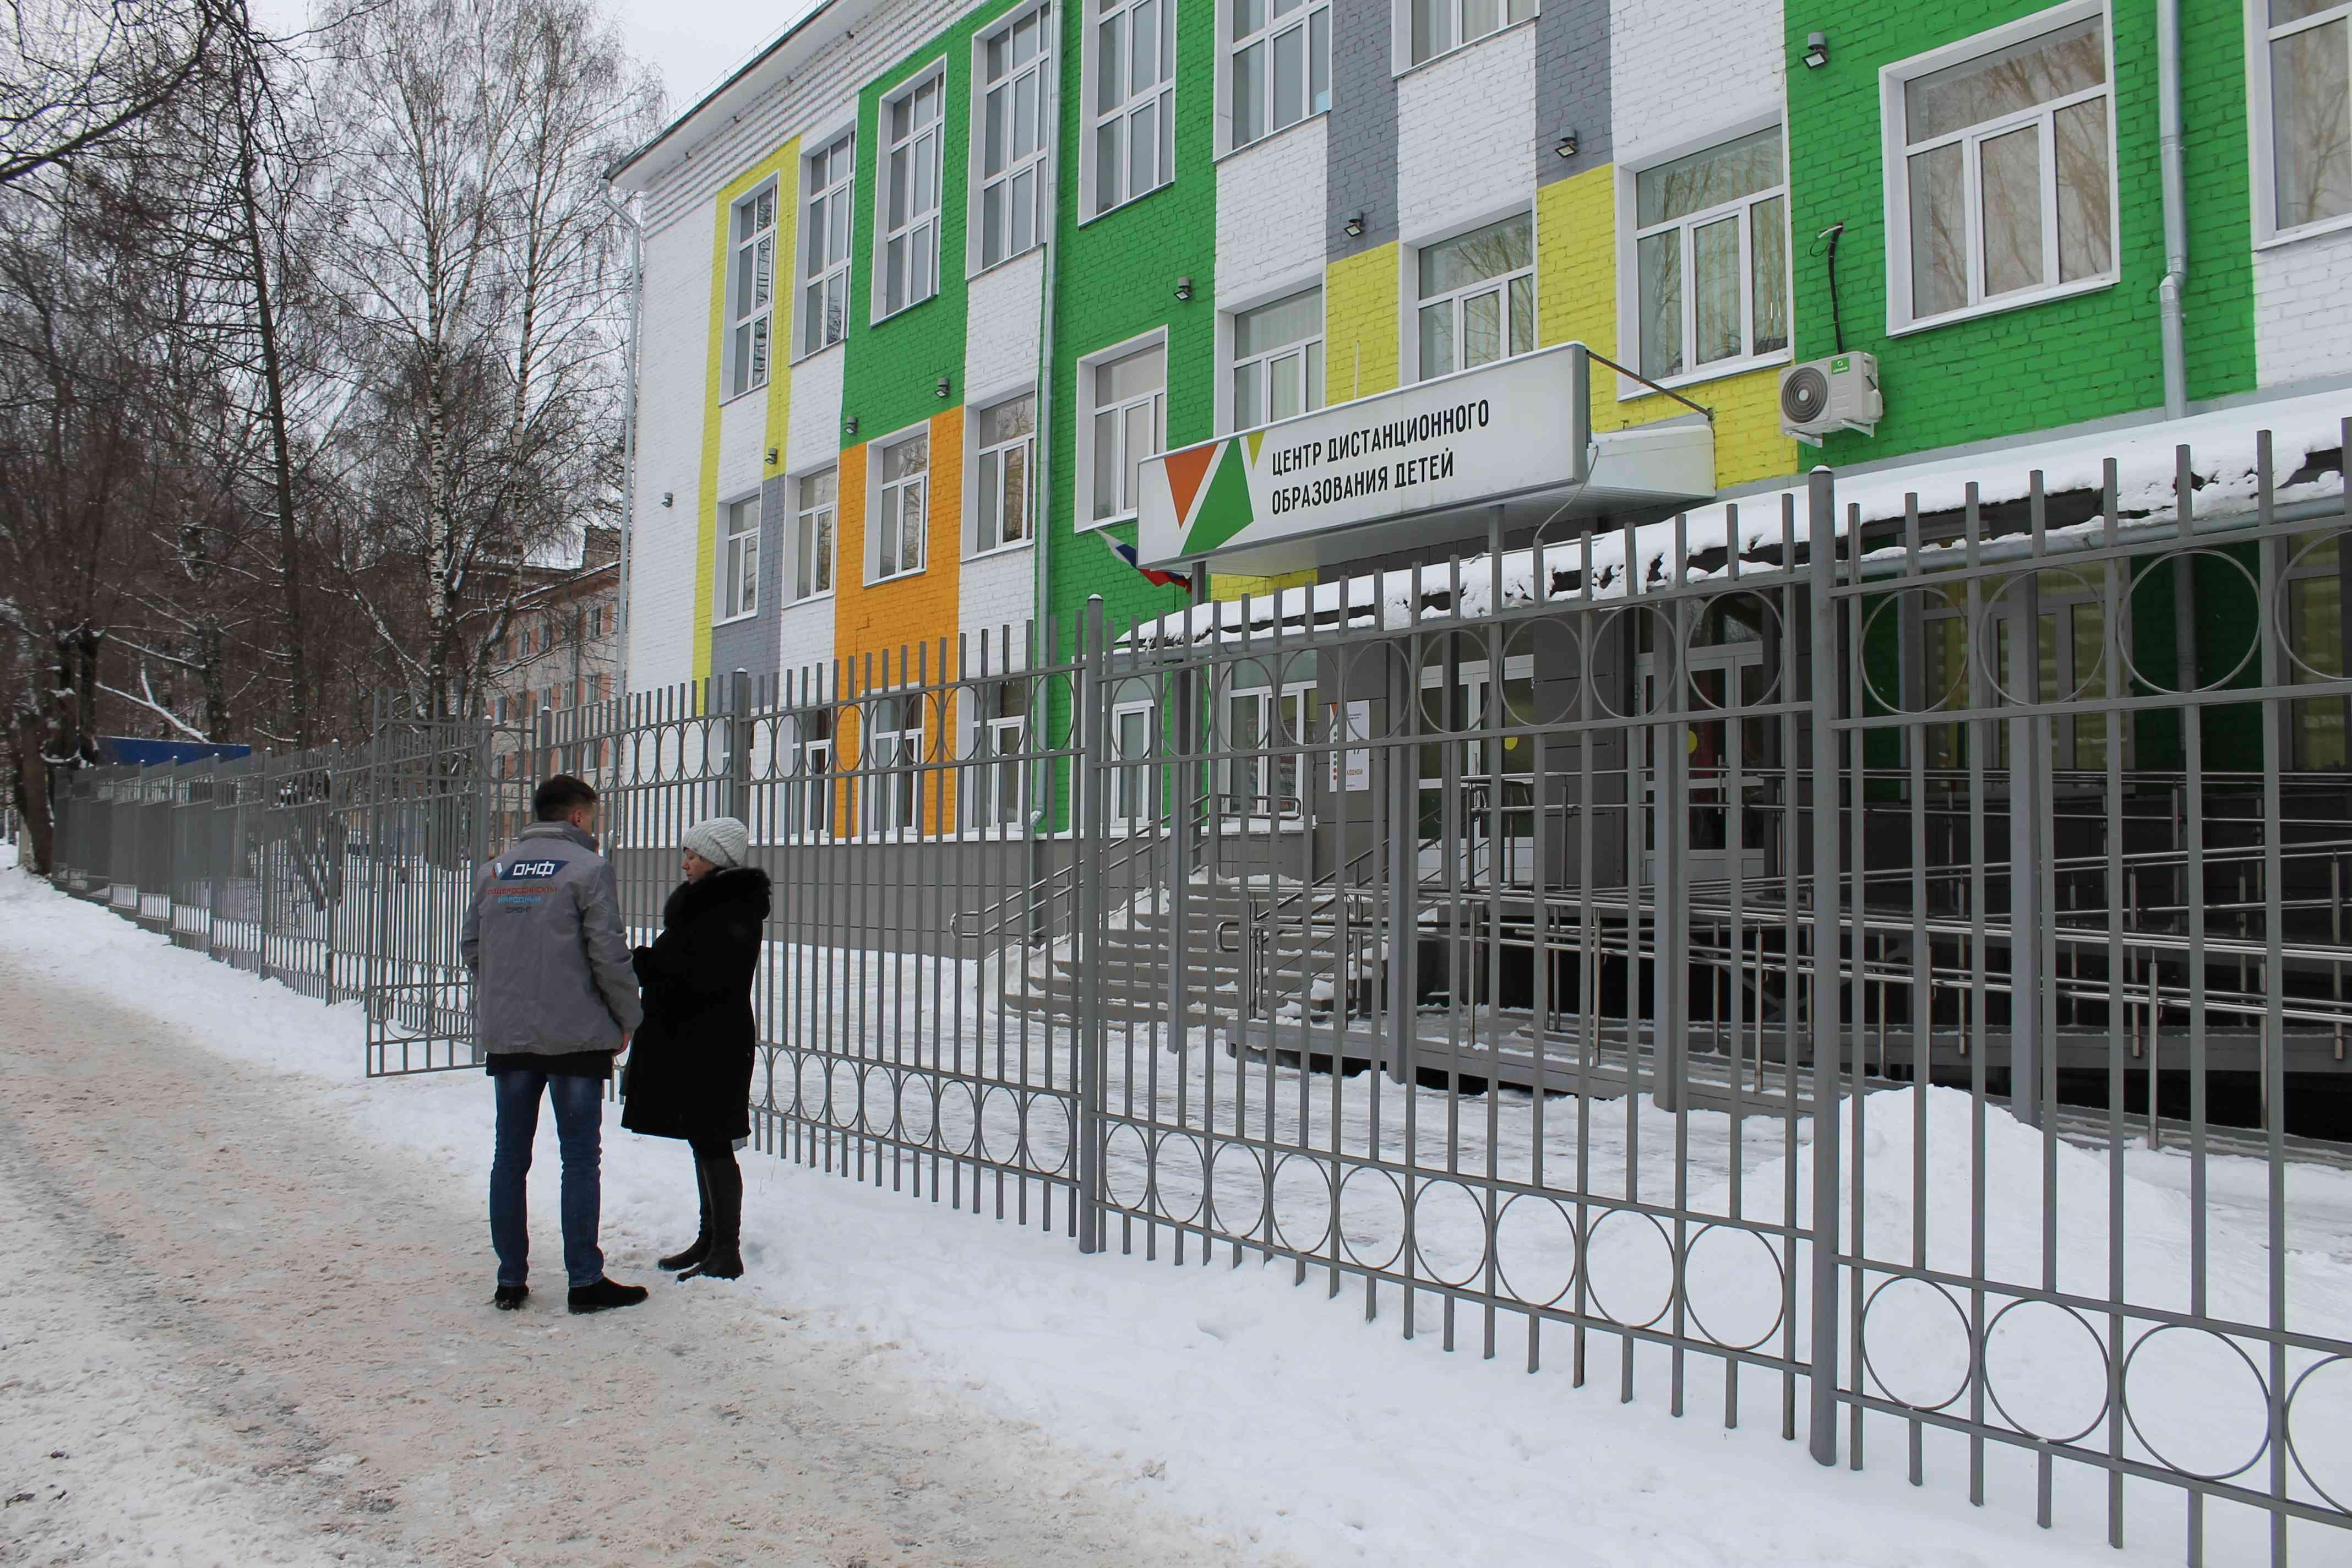 В Кирове обучающиеся на дому дети-инвалиды уже год не получают положенного бесплатного питания